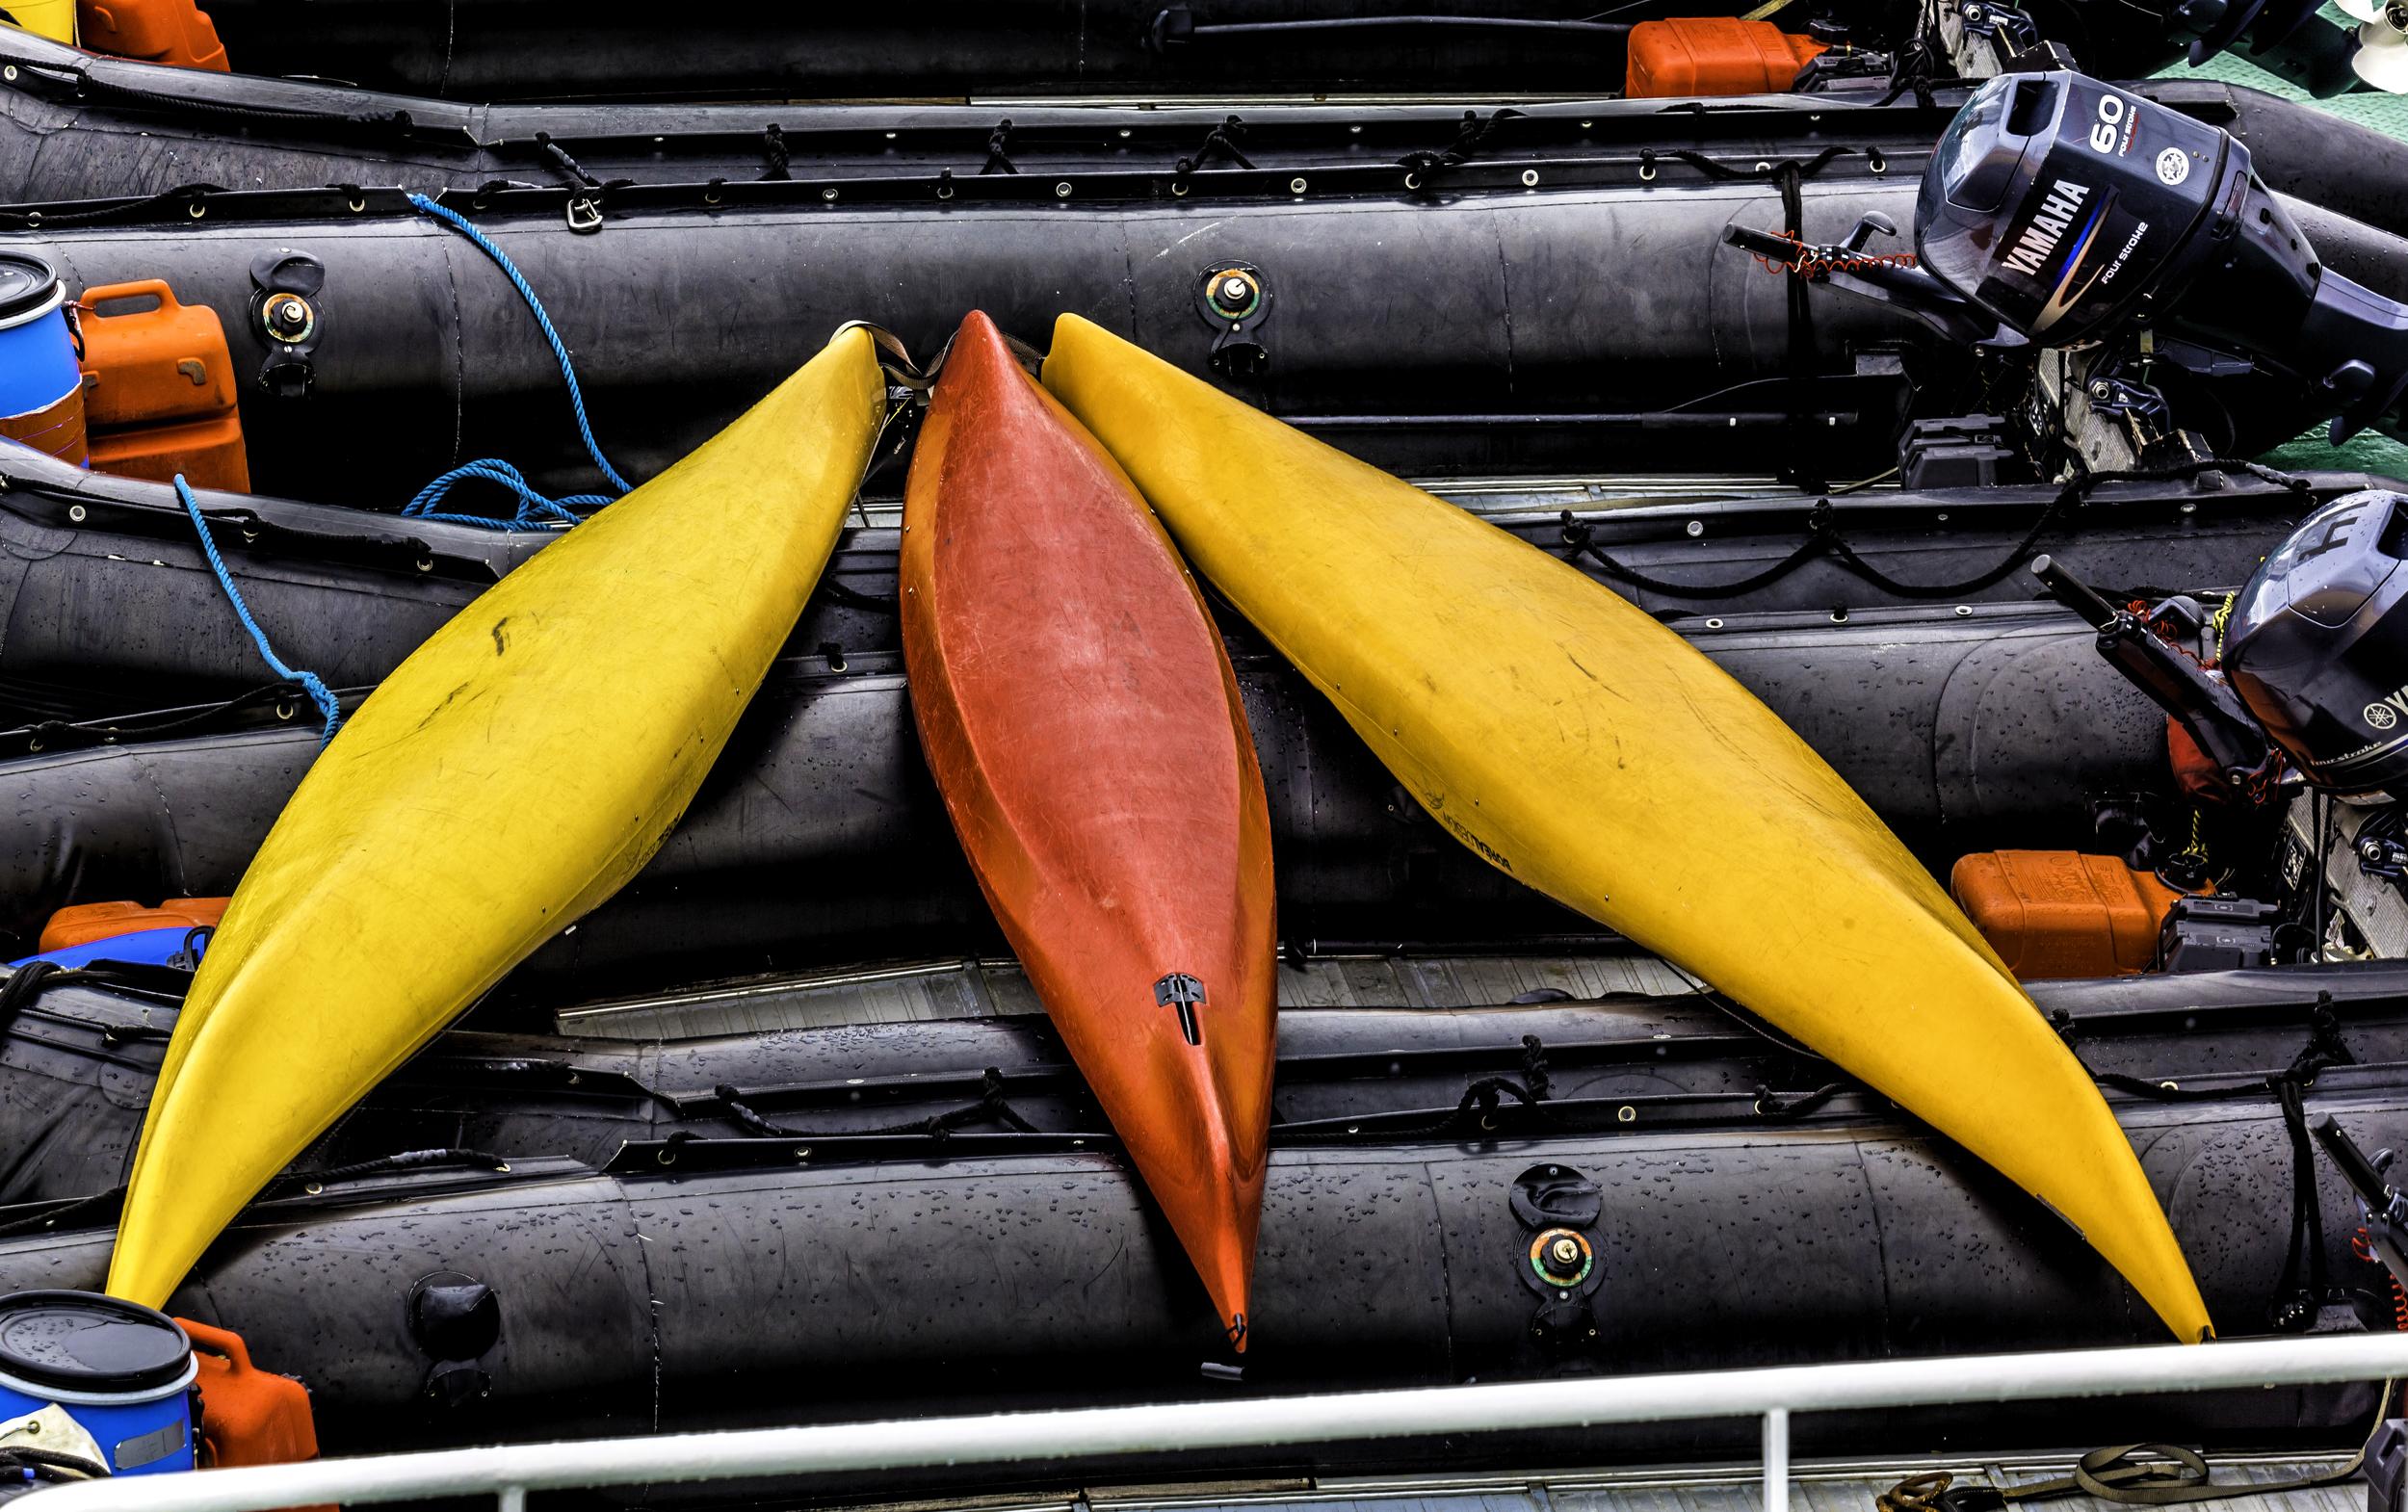 Traffic Light Kayaks